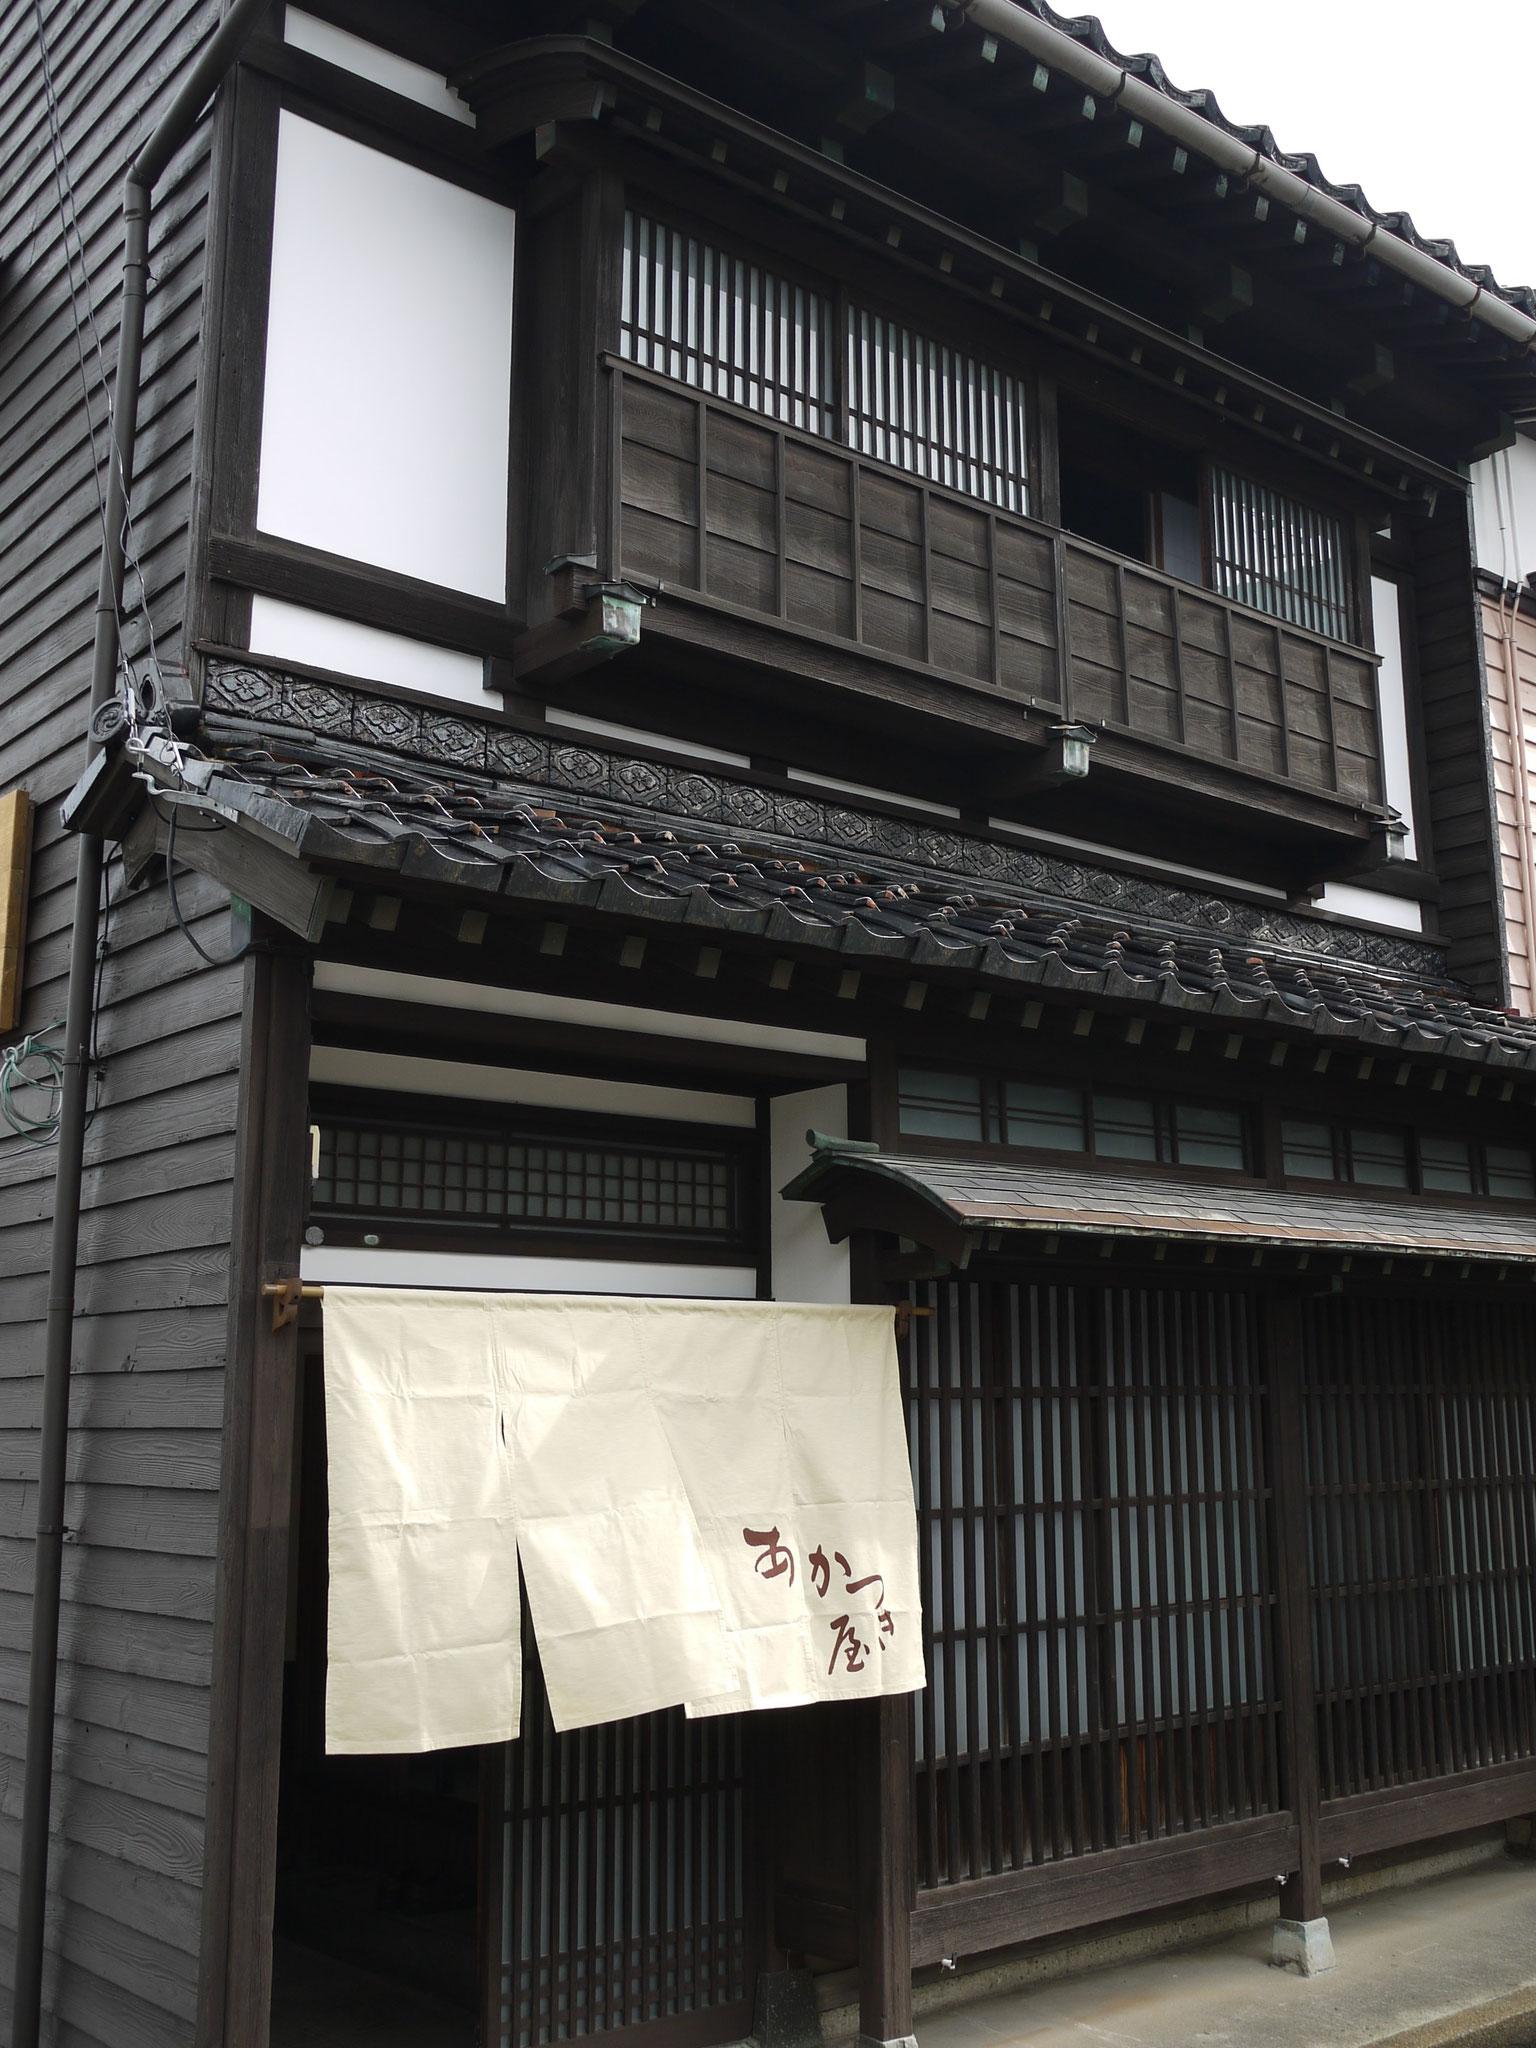 「あかつき屋」は格子戸や玄関の円窓など見どころいっぱい